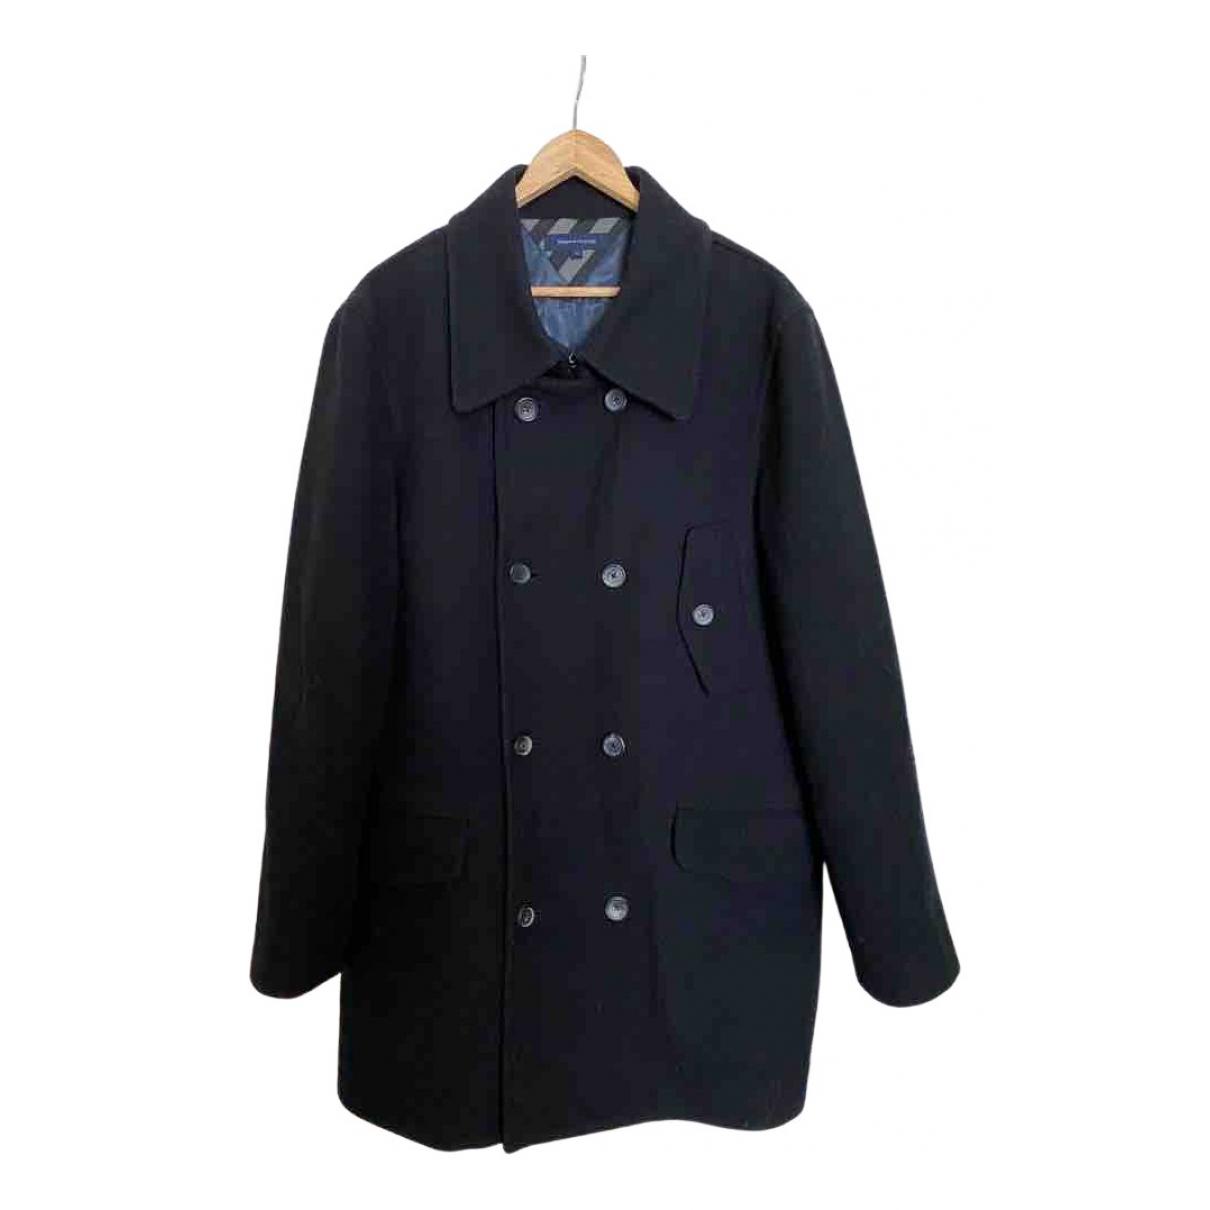 Tommy Hilfiger - Manteau   pour homme en laine - marine